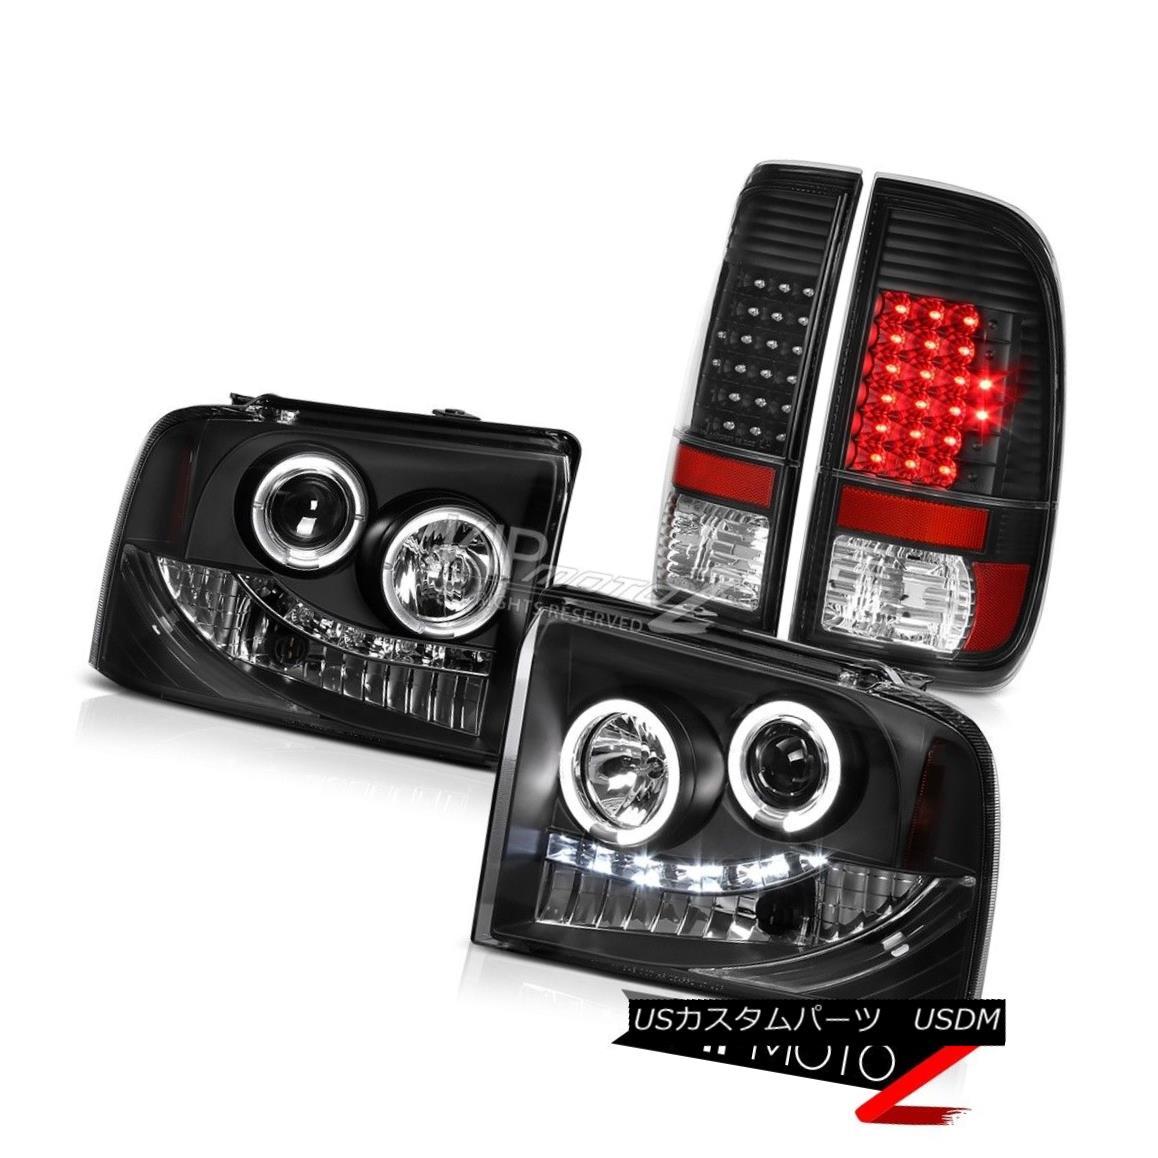 ヘッドライト Halo Headlights Front Lamp LED Bulbs Tail Lights 2005 2006 2007 Ford F250 FX4 HaloヘッドライトフロントランプLED電球テールライト2005 2006 2007 Ford F250 FX4